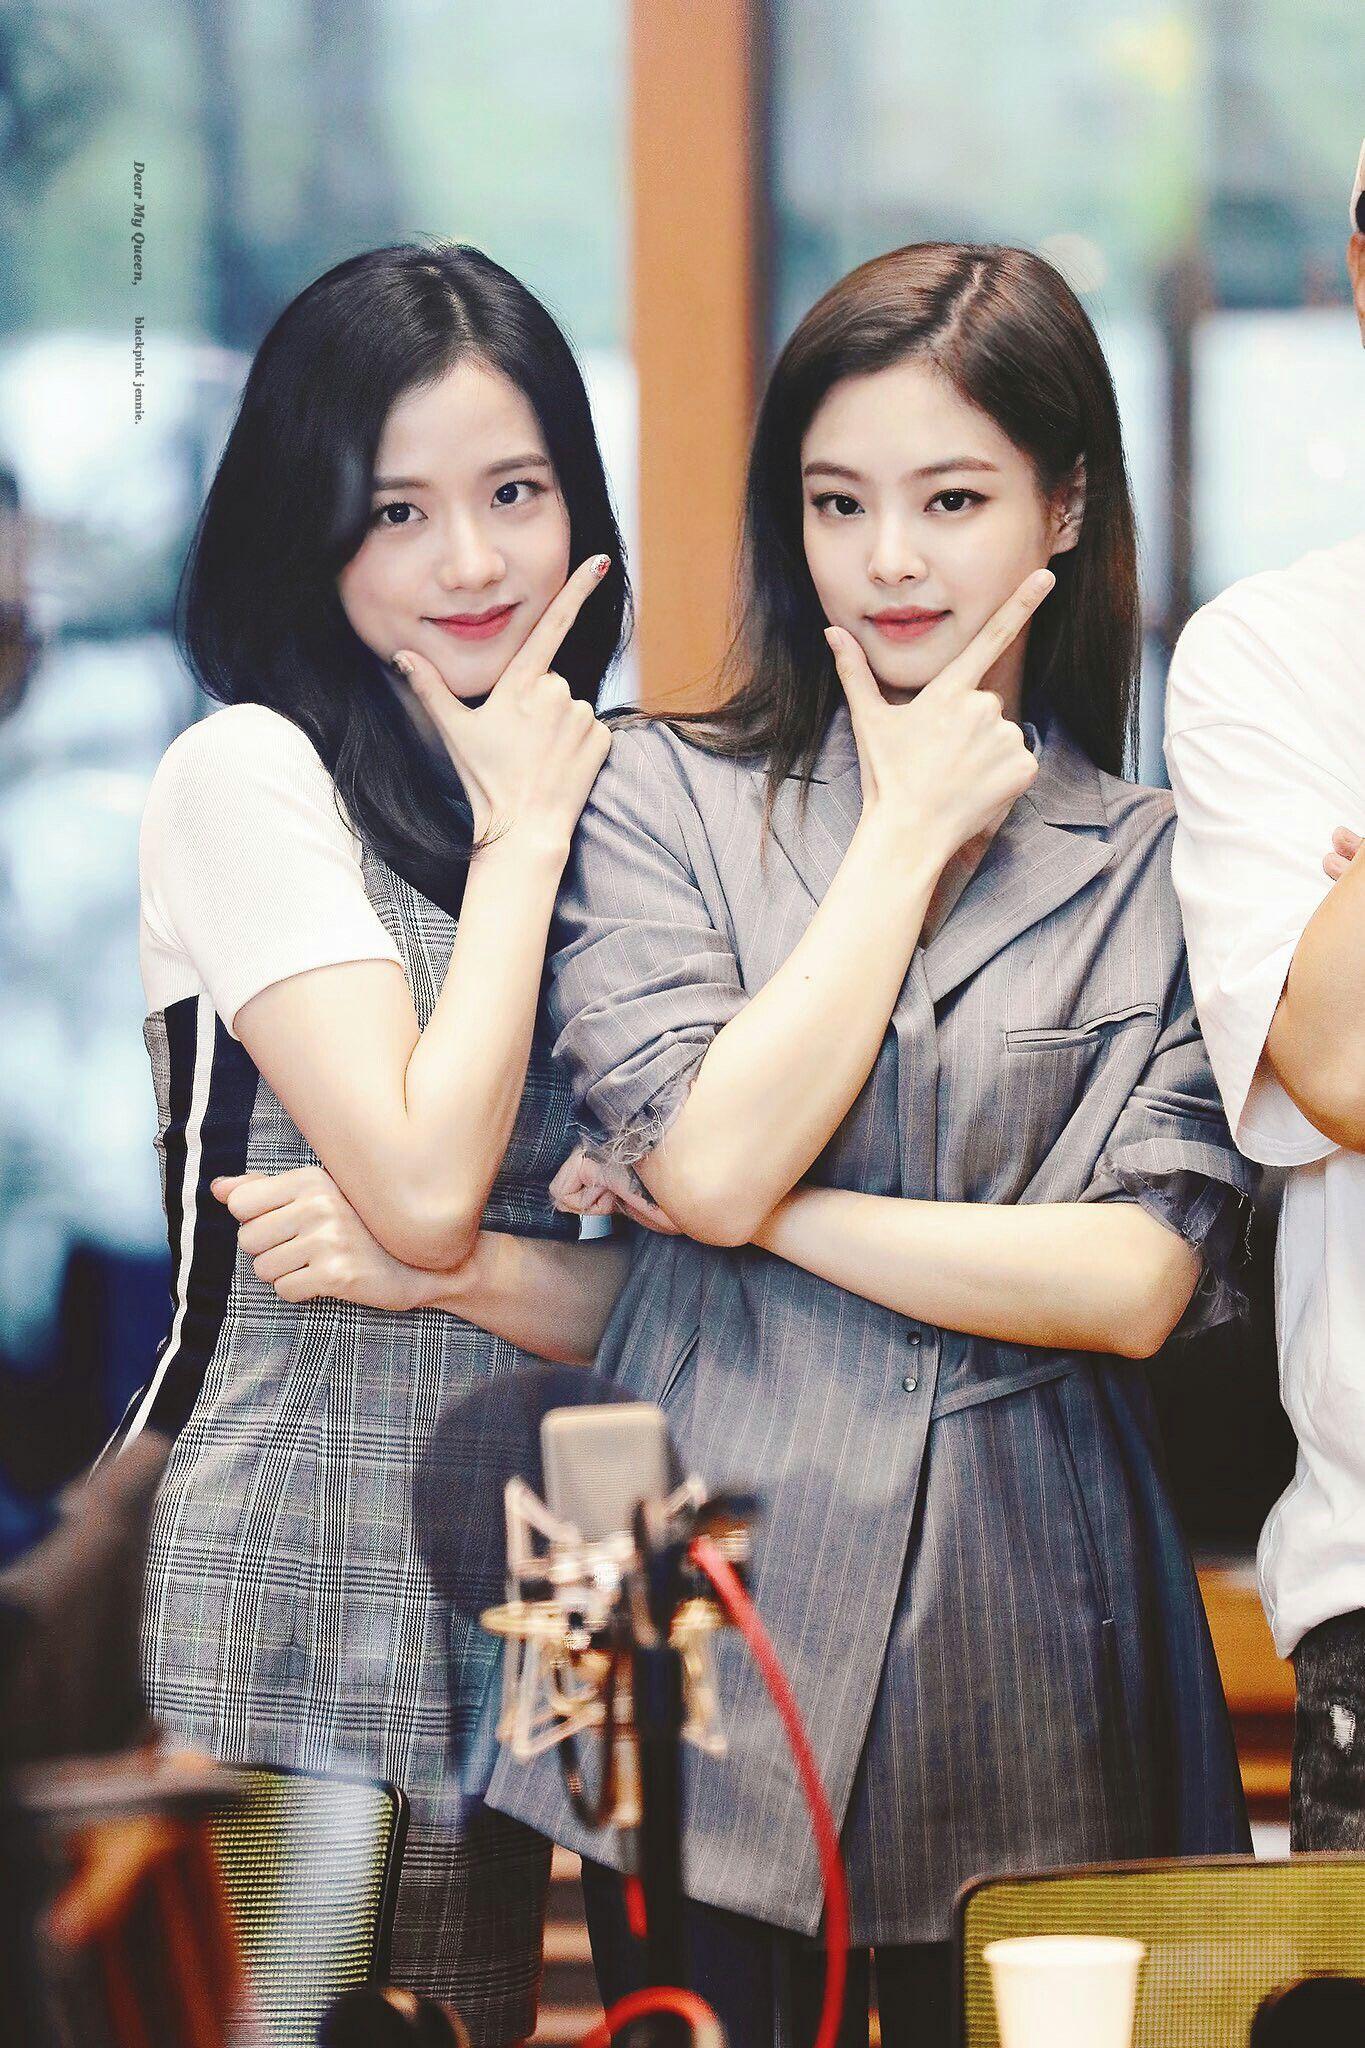 BXH idol nữ đẹp nhất ngoài đời do chính thần tượng bình chọn: Black Pink và Yoona xuất sắc, nhưng hạng 1 mới bất ngờ - Ảnh 16.